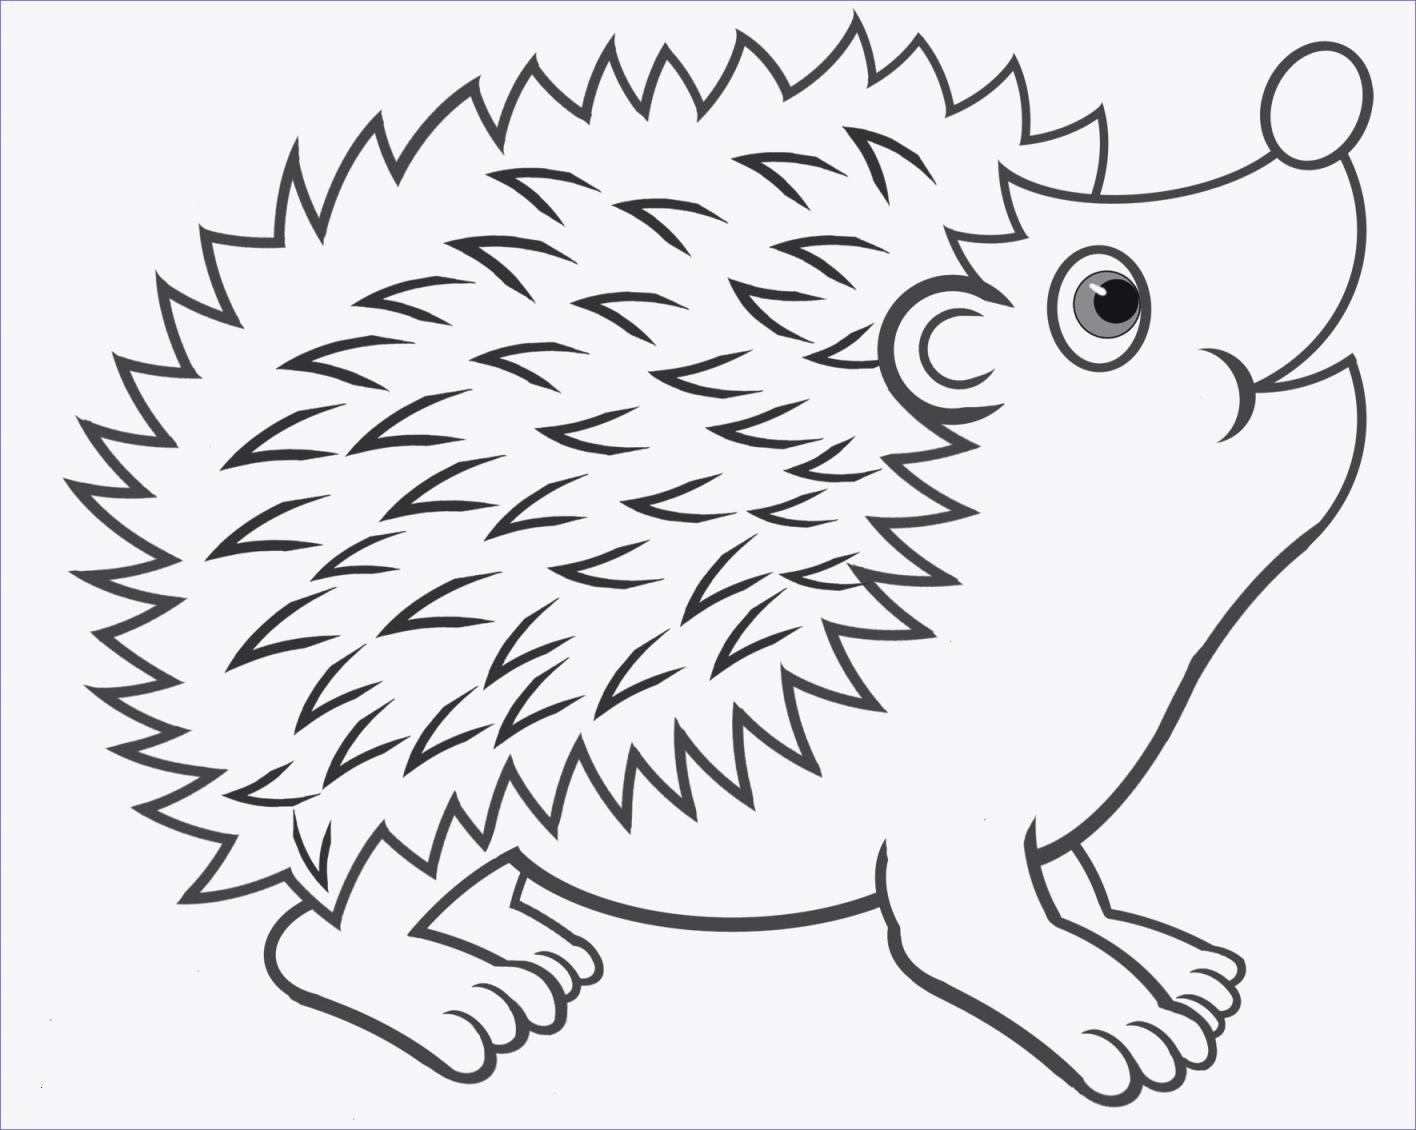 ausmalbilder tiere im wald kostenlos - cartoon-bild